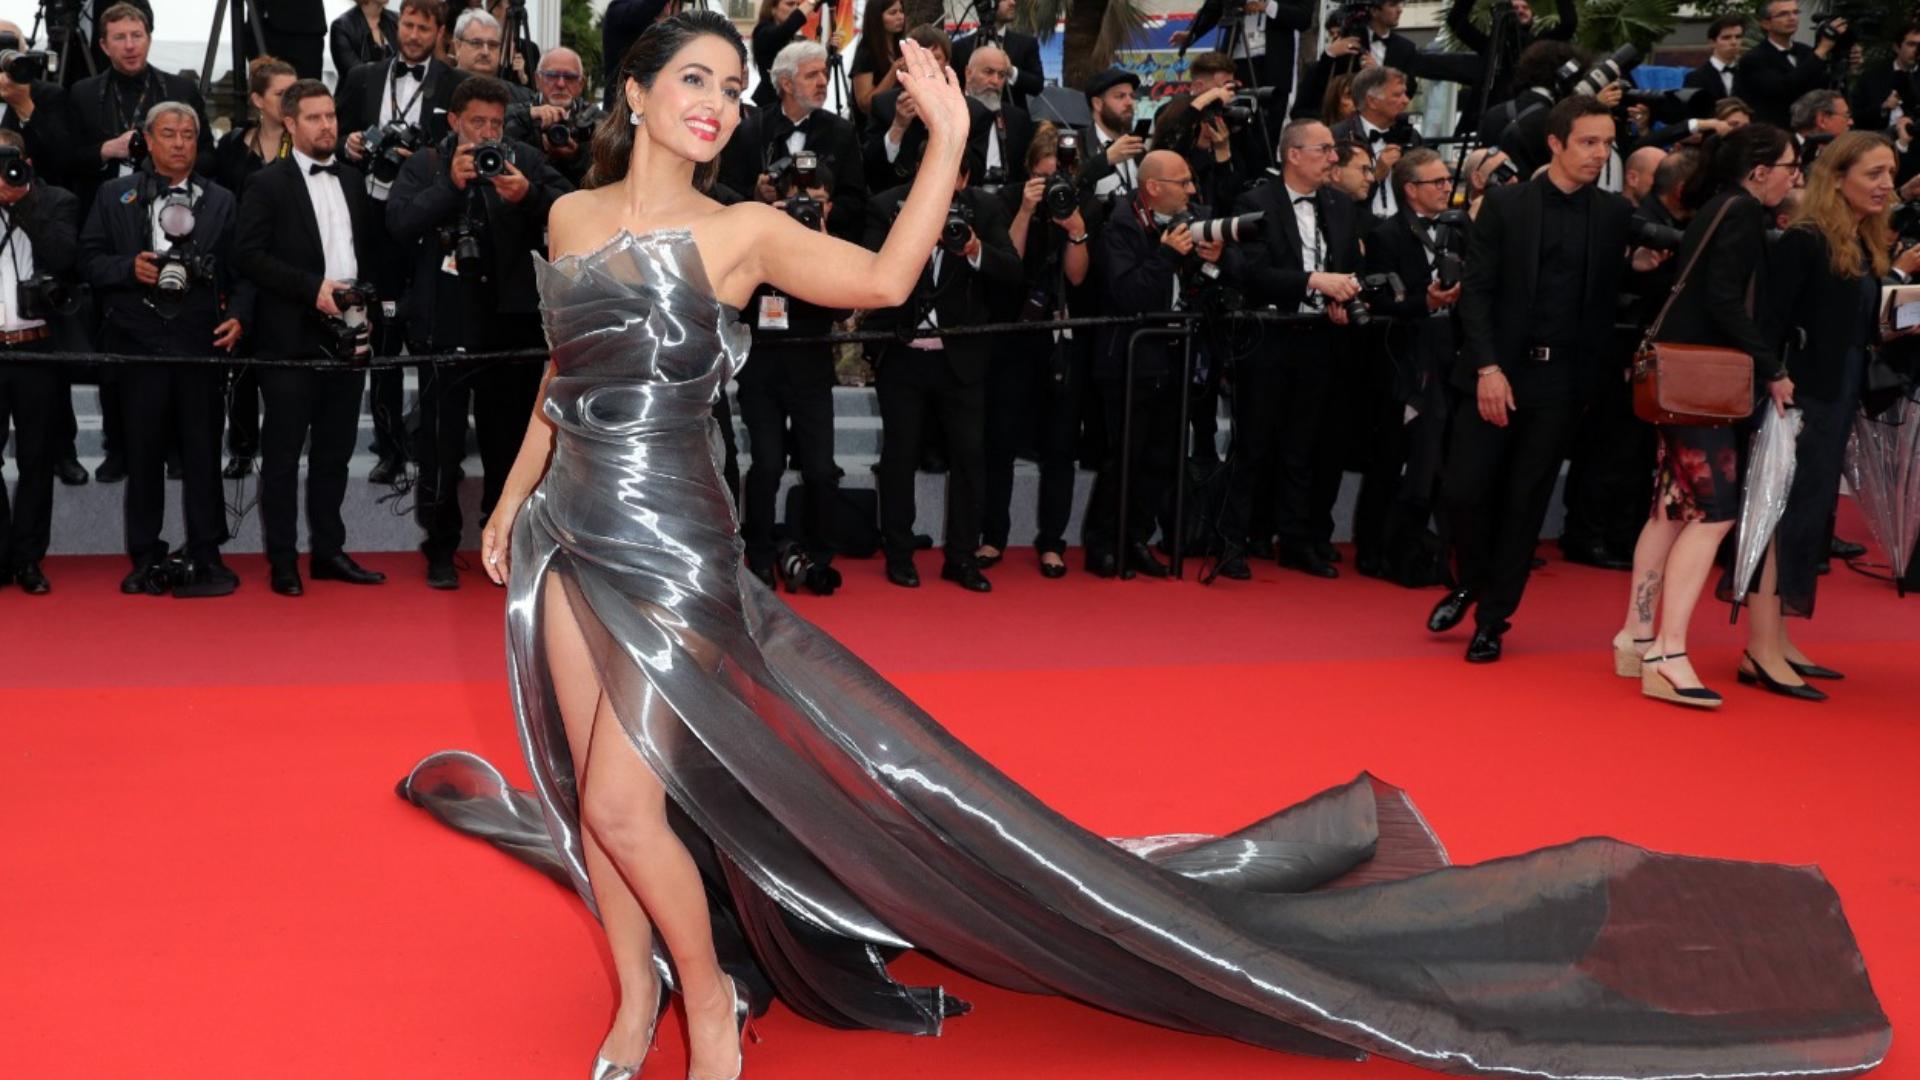 Cannes 2019: हिना खान का एक बार फिर दिखा स्टनिंग लुक, सिल्वर गाउन में रेड कार्पेट पर ढाया कहर